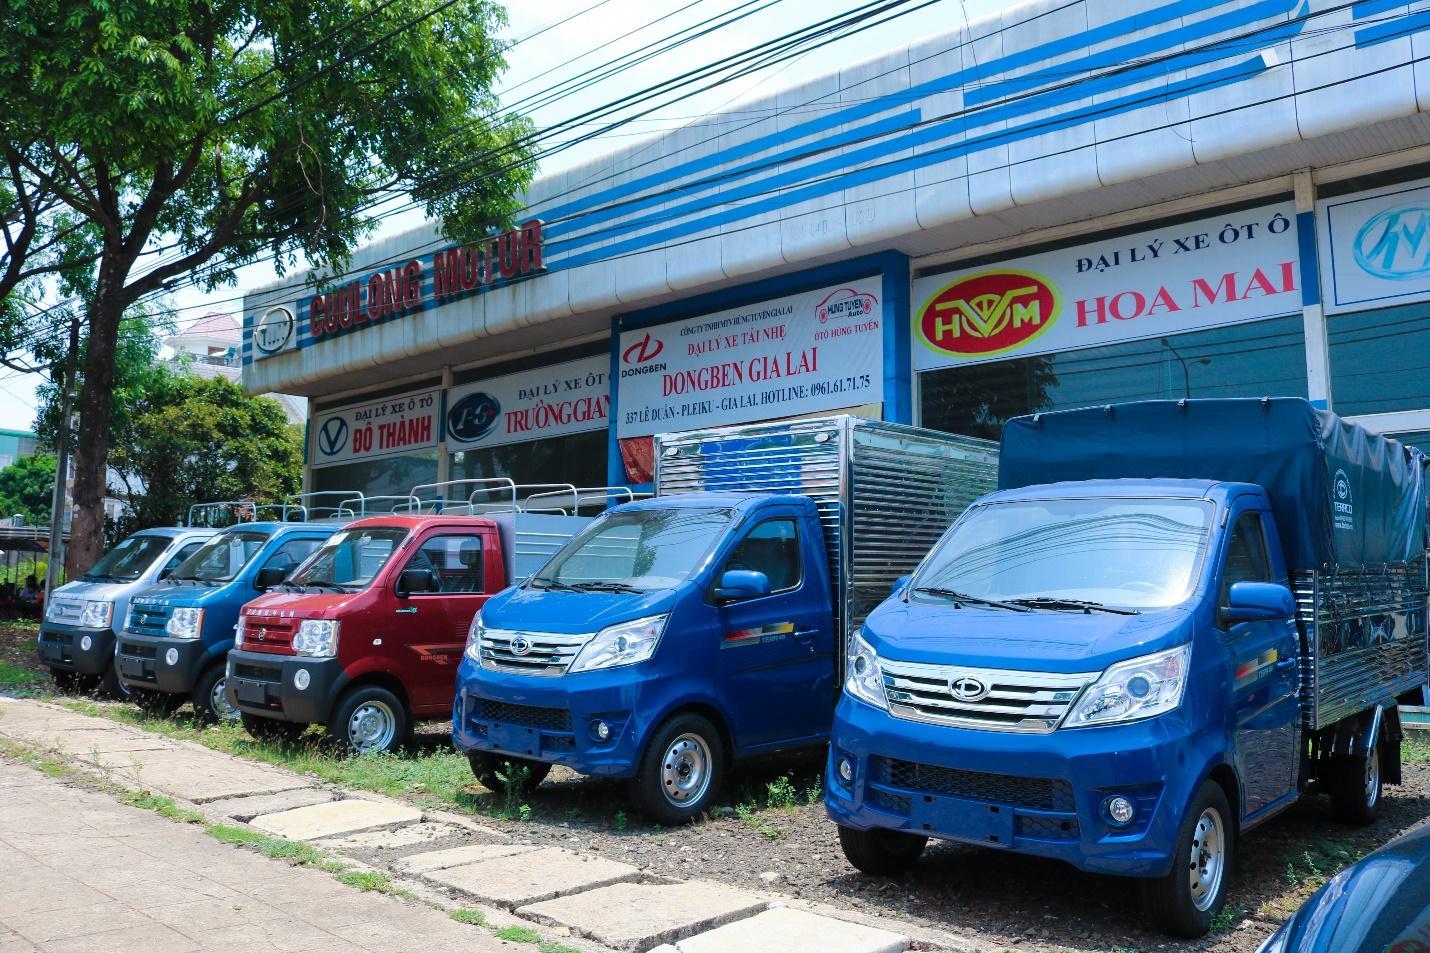 Xe tải chính hãng mang thương hiệu Hyundai - Ảnh 4